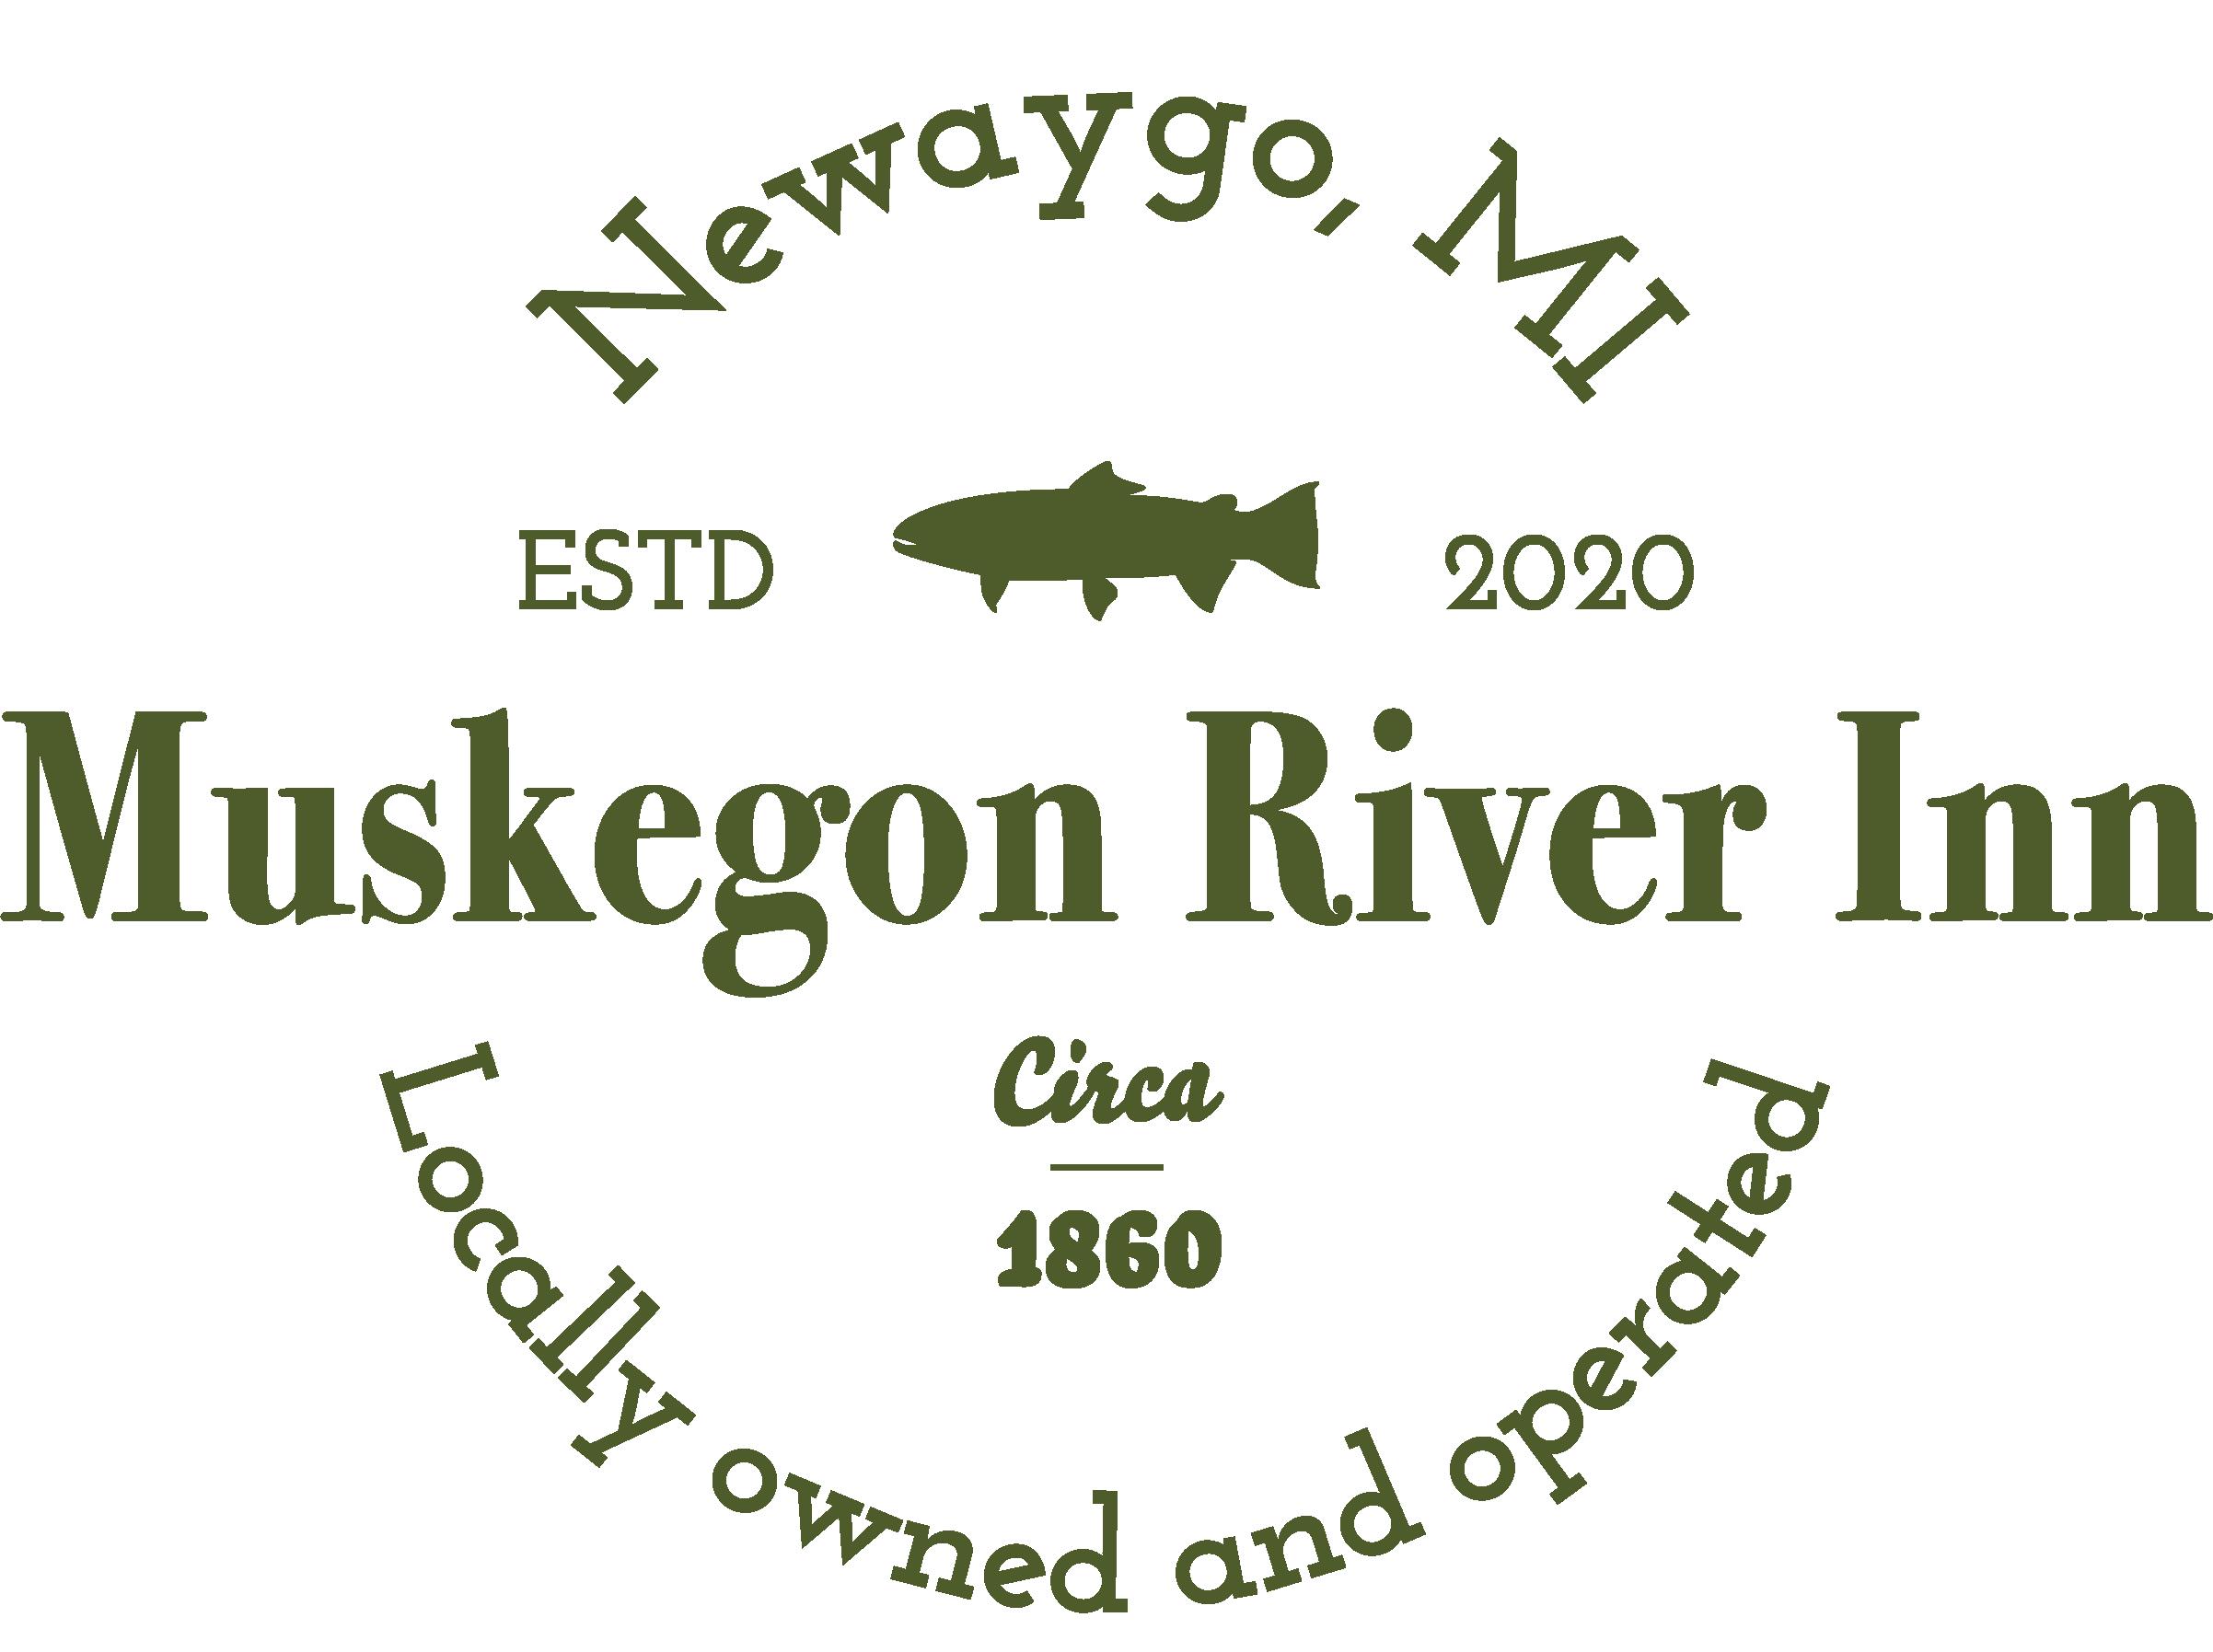 Muskegon River Inn